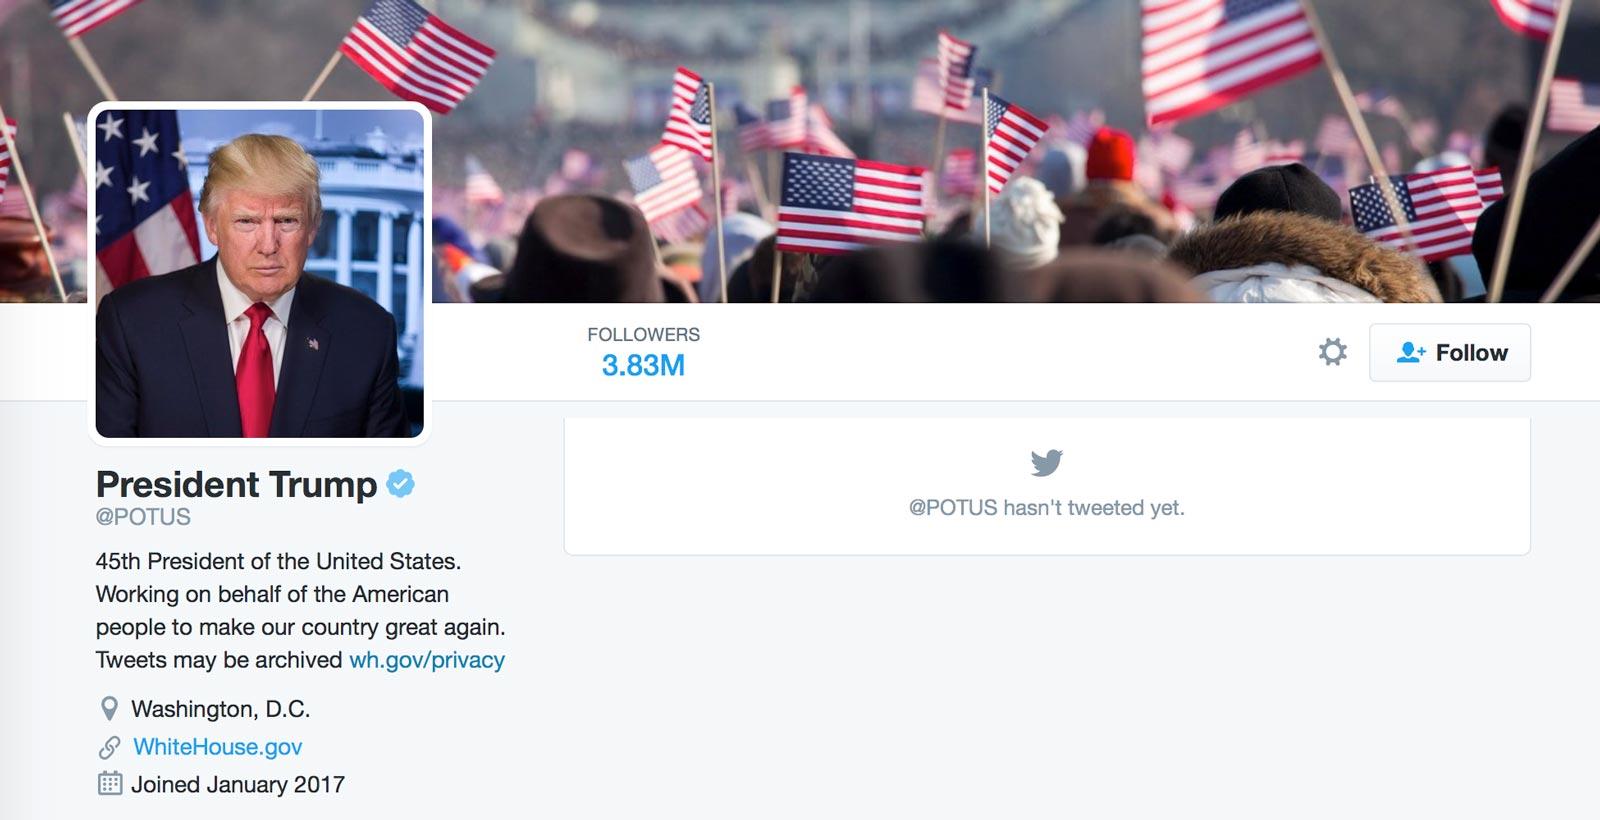 La page du nouveau compte @POTUS administré par le président Trump.